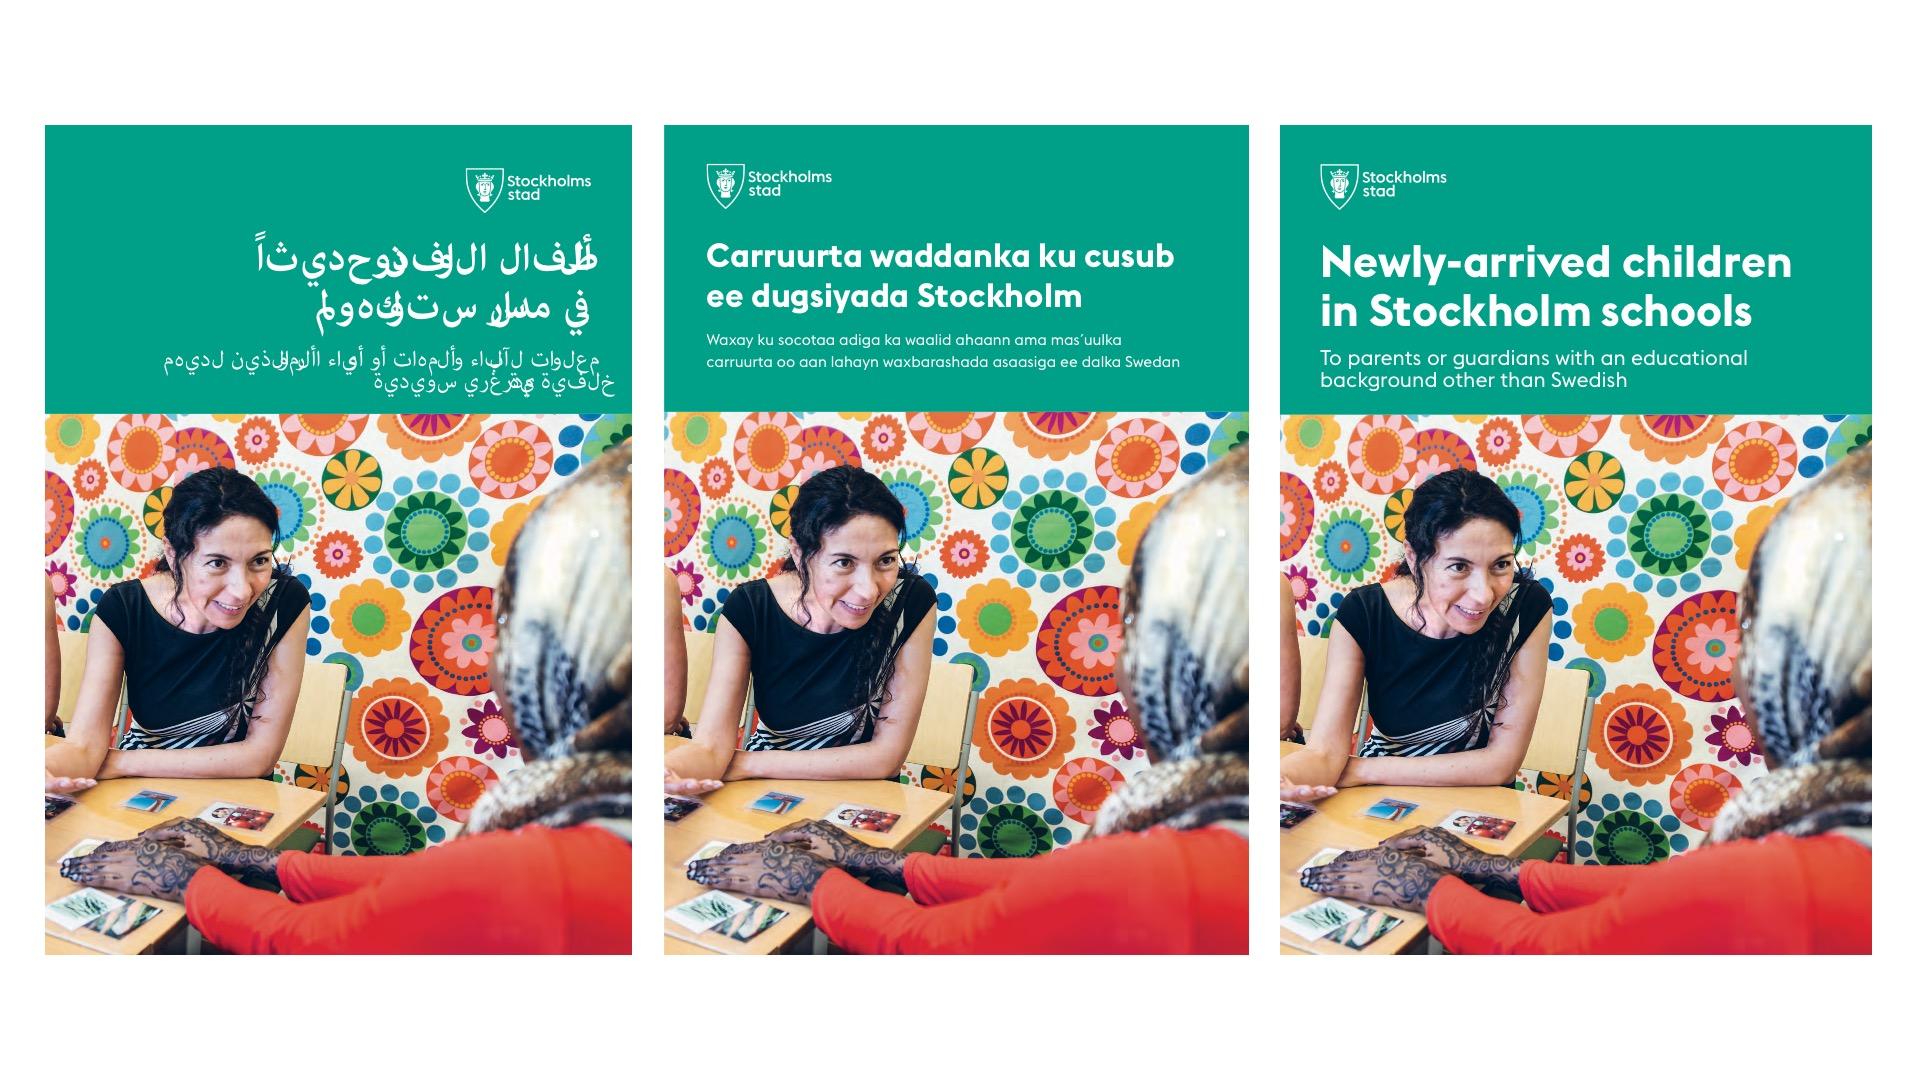 Utbildningsförvaltningens broschyr till nyanlända finns på sammanlagt fem språk